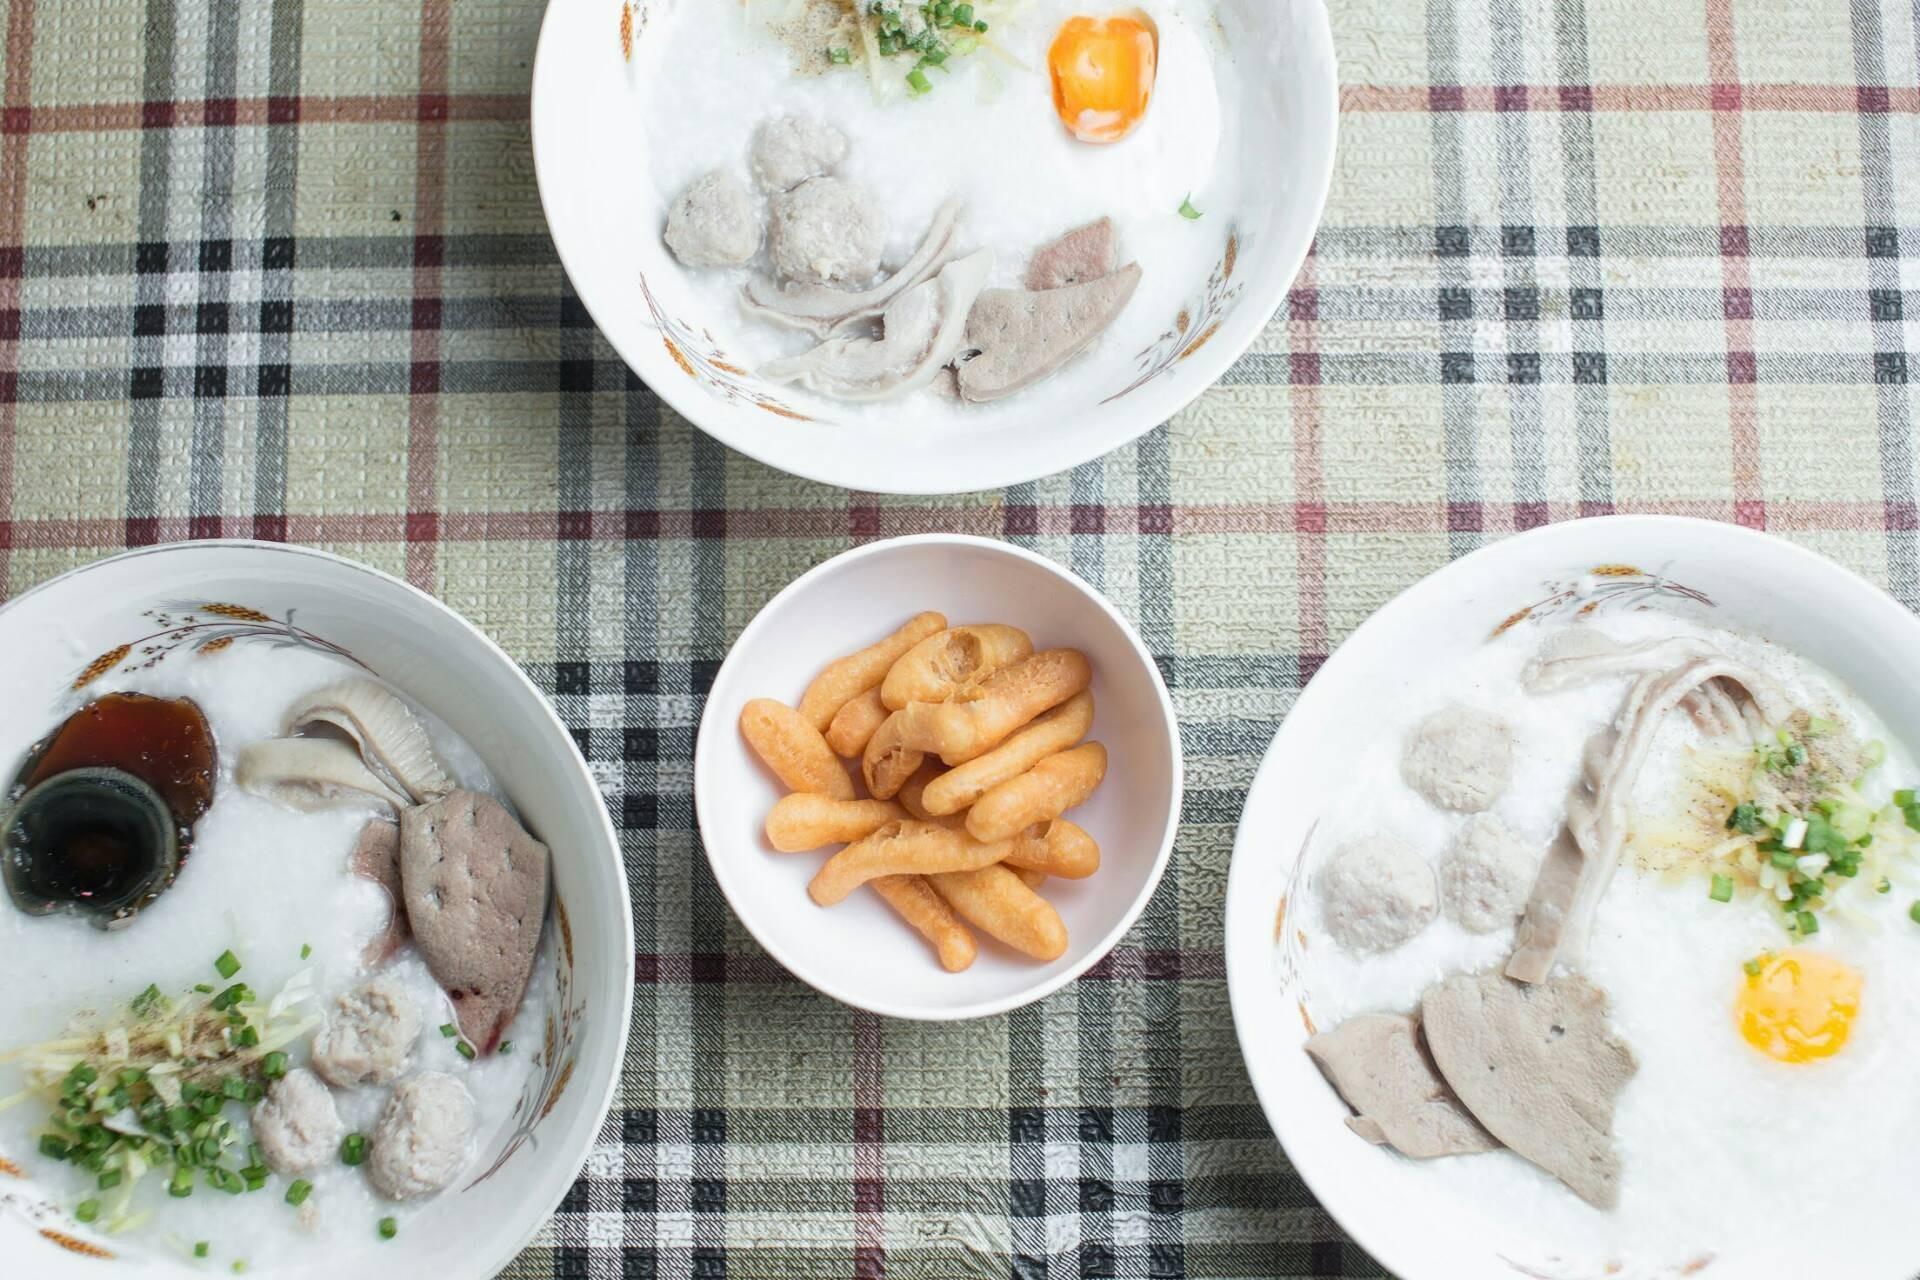 อาหารเช้า สั่งอาหารออนไลน์ เมนูอาหารเช้า ร้านโจ๊ก